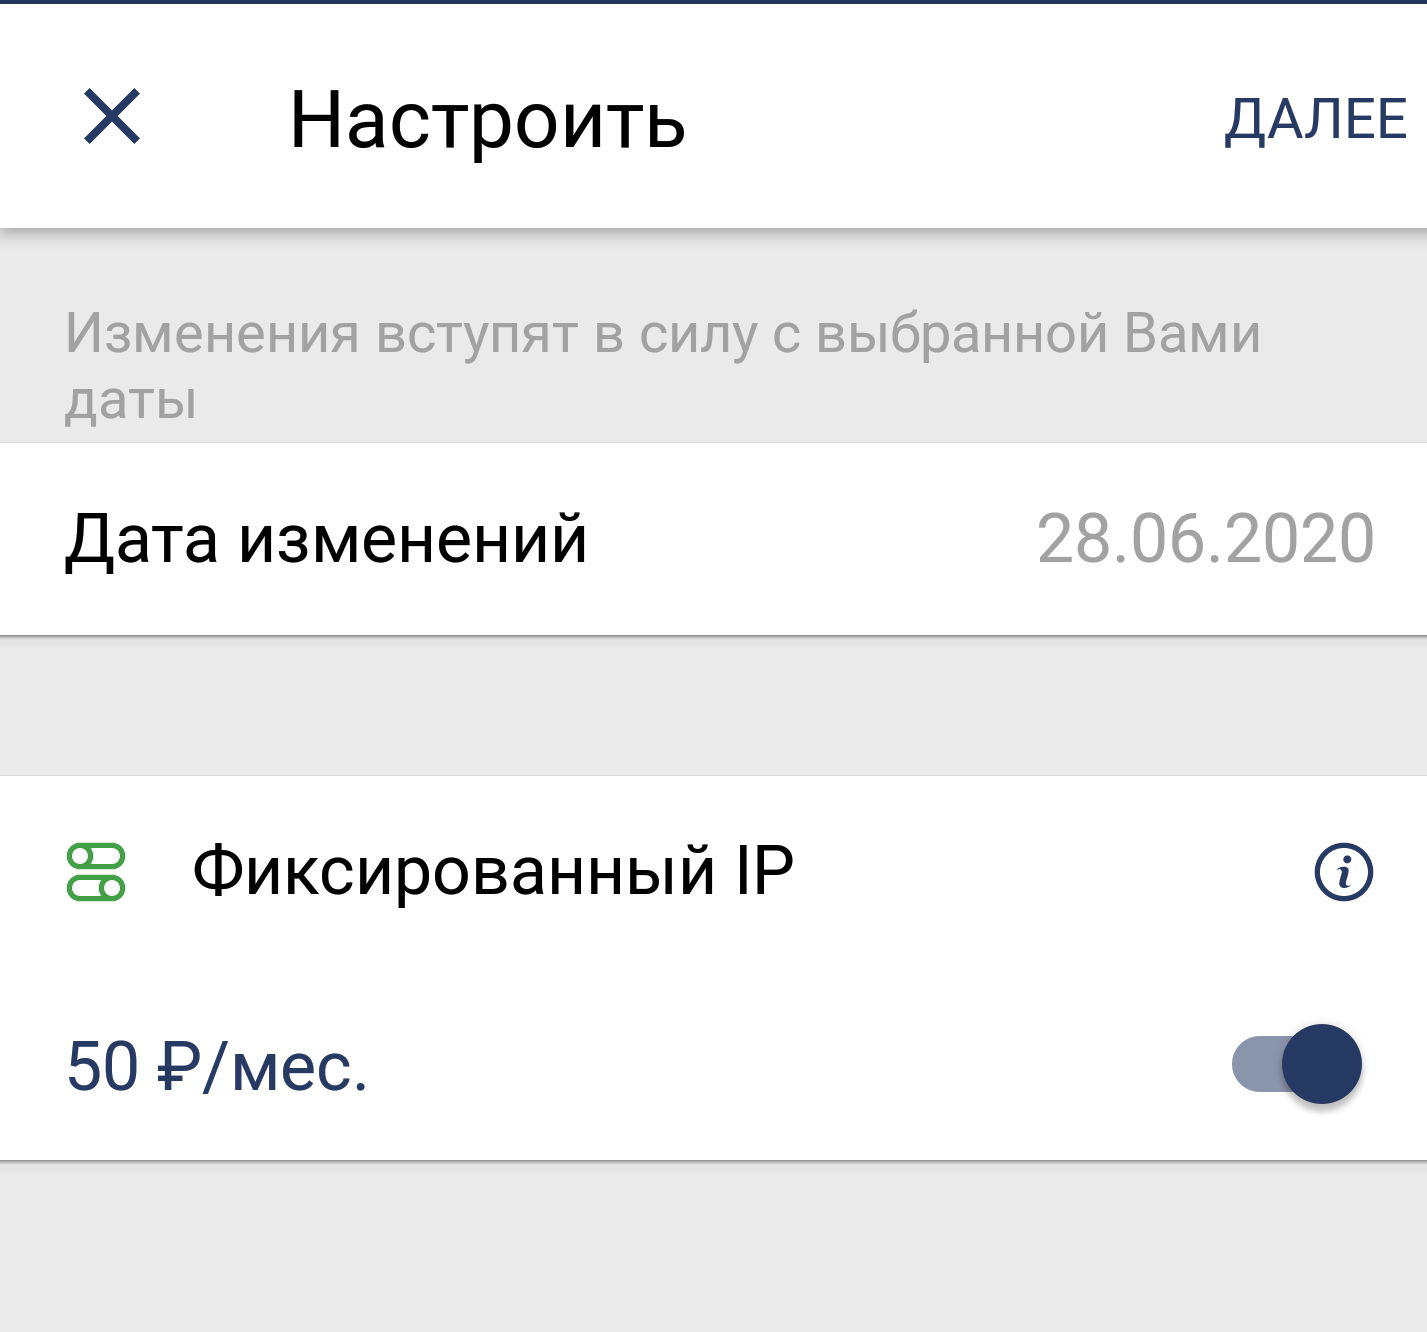 5ef8b8fb5022a182774419.png